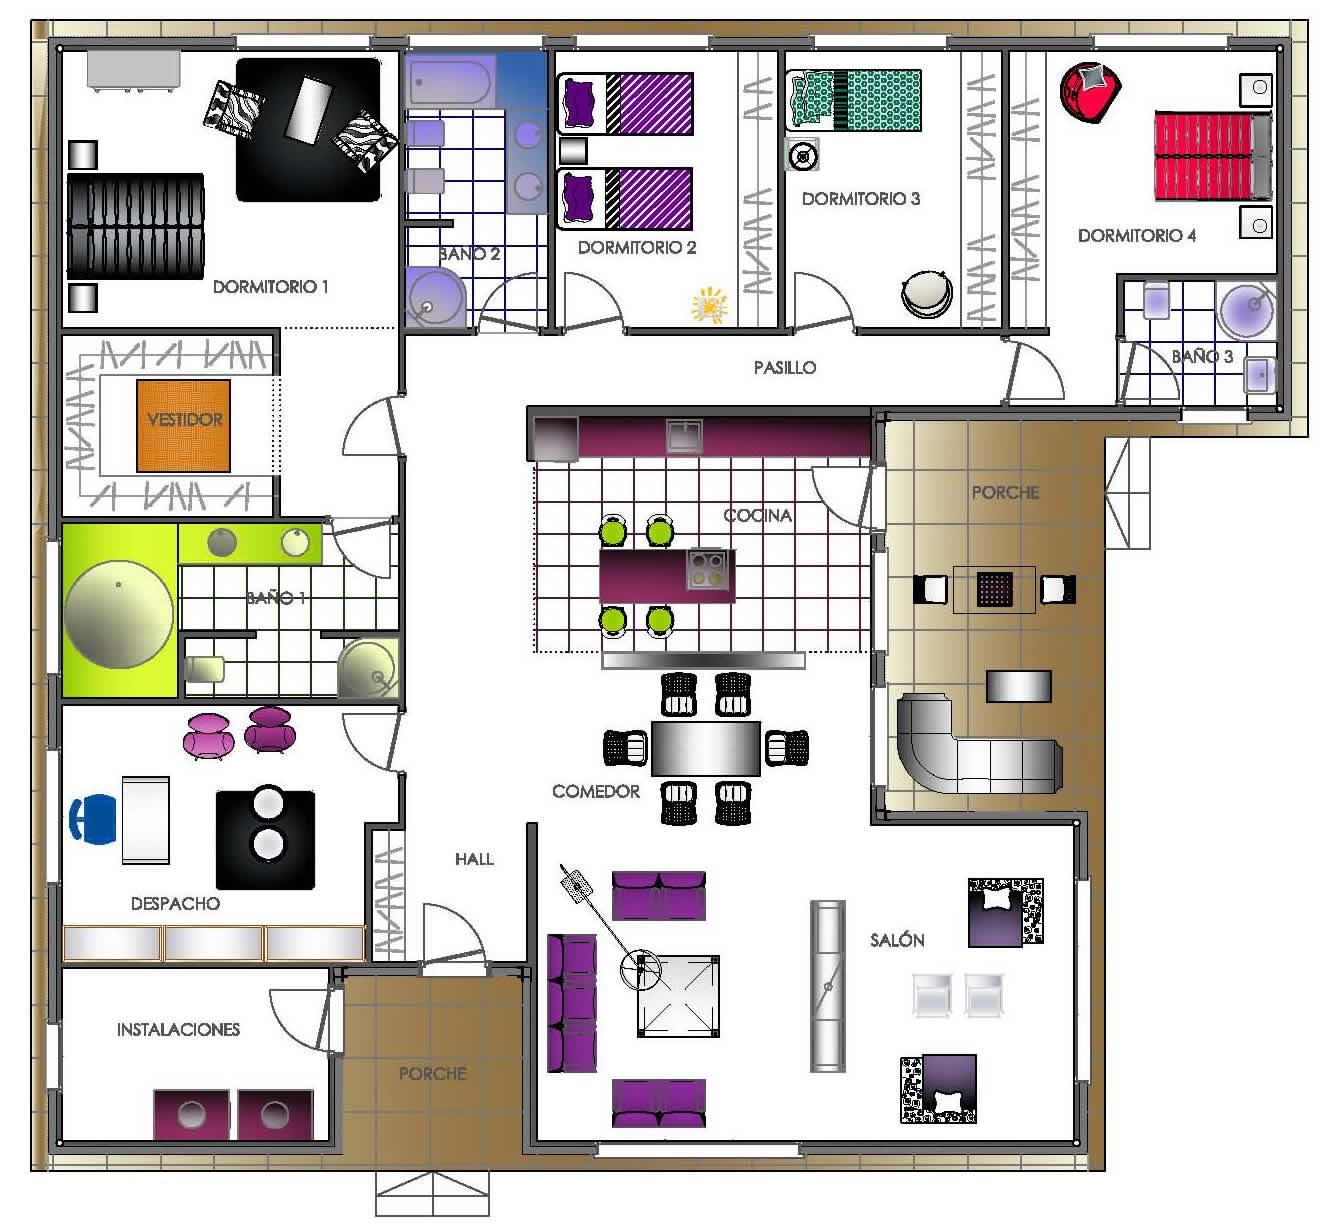 19 planos de casas 3 dormitorios planos y fachadas for Planos y fachadas de casas